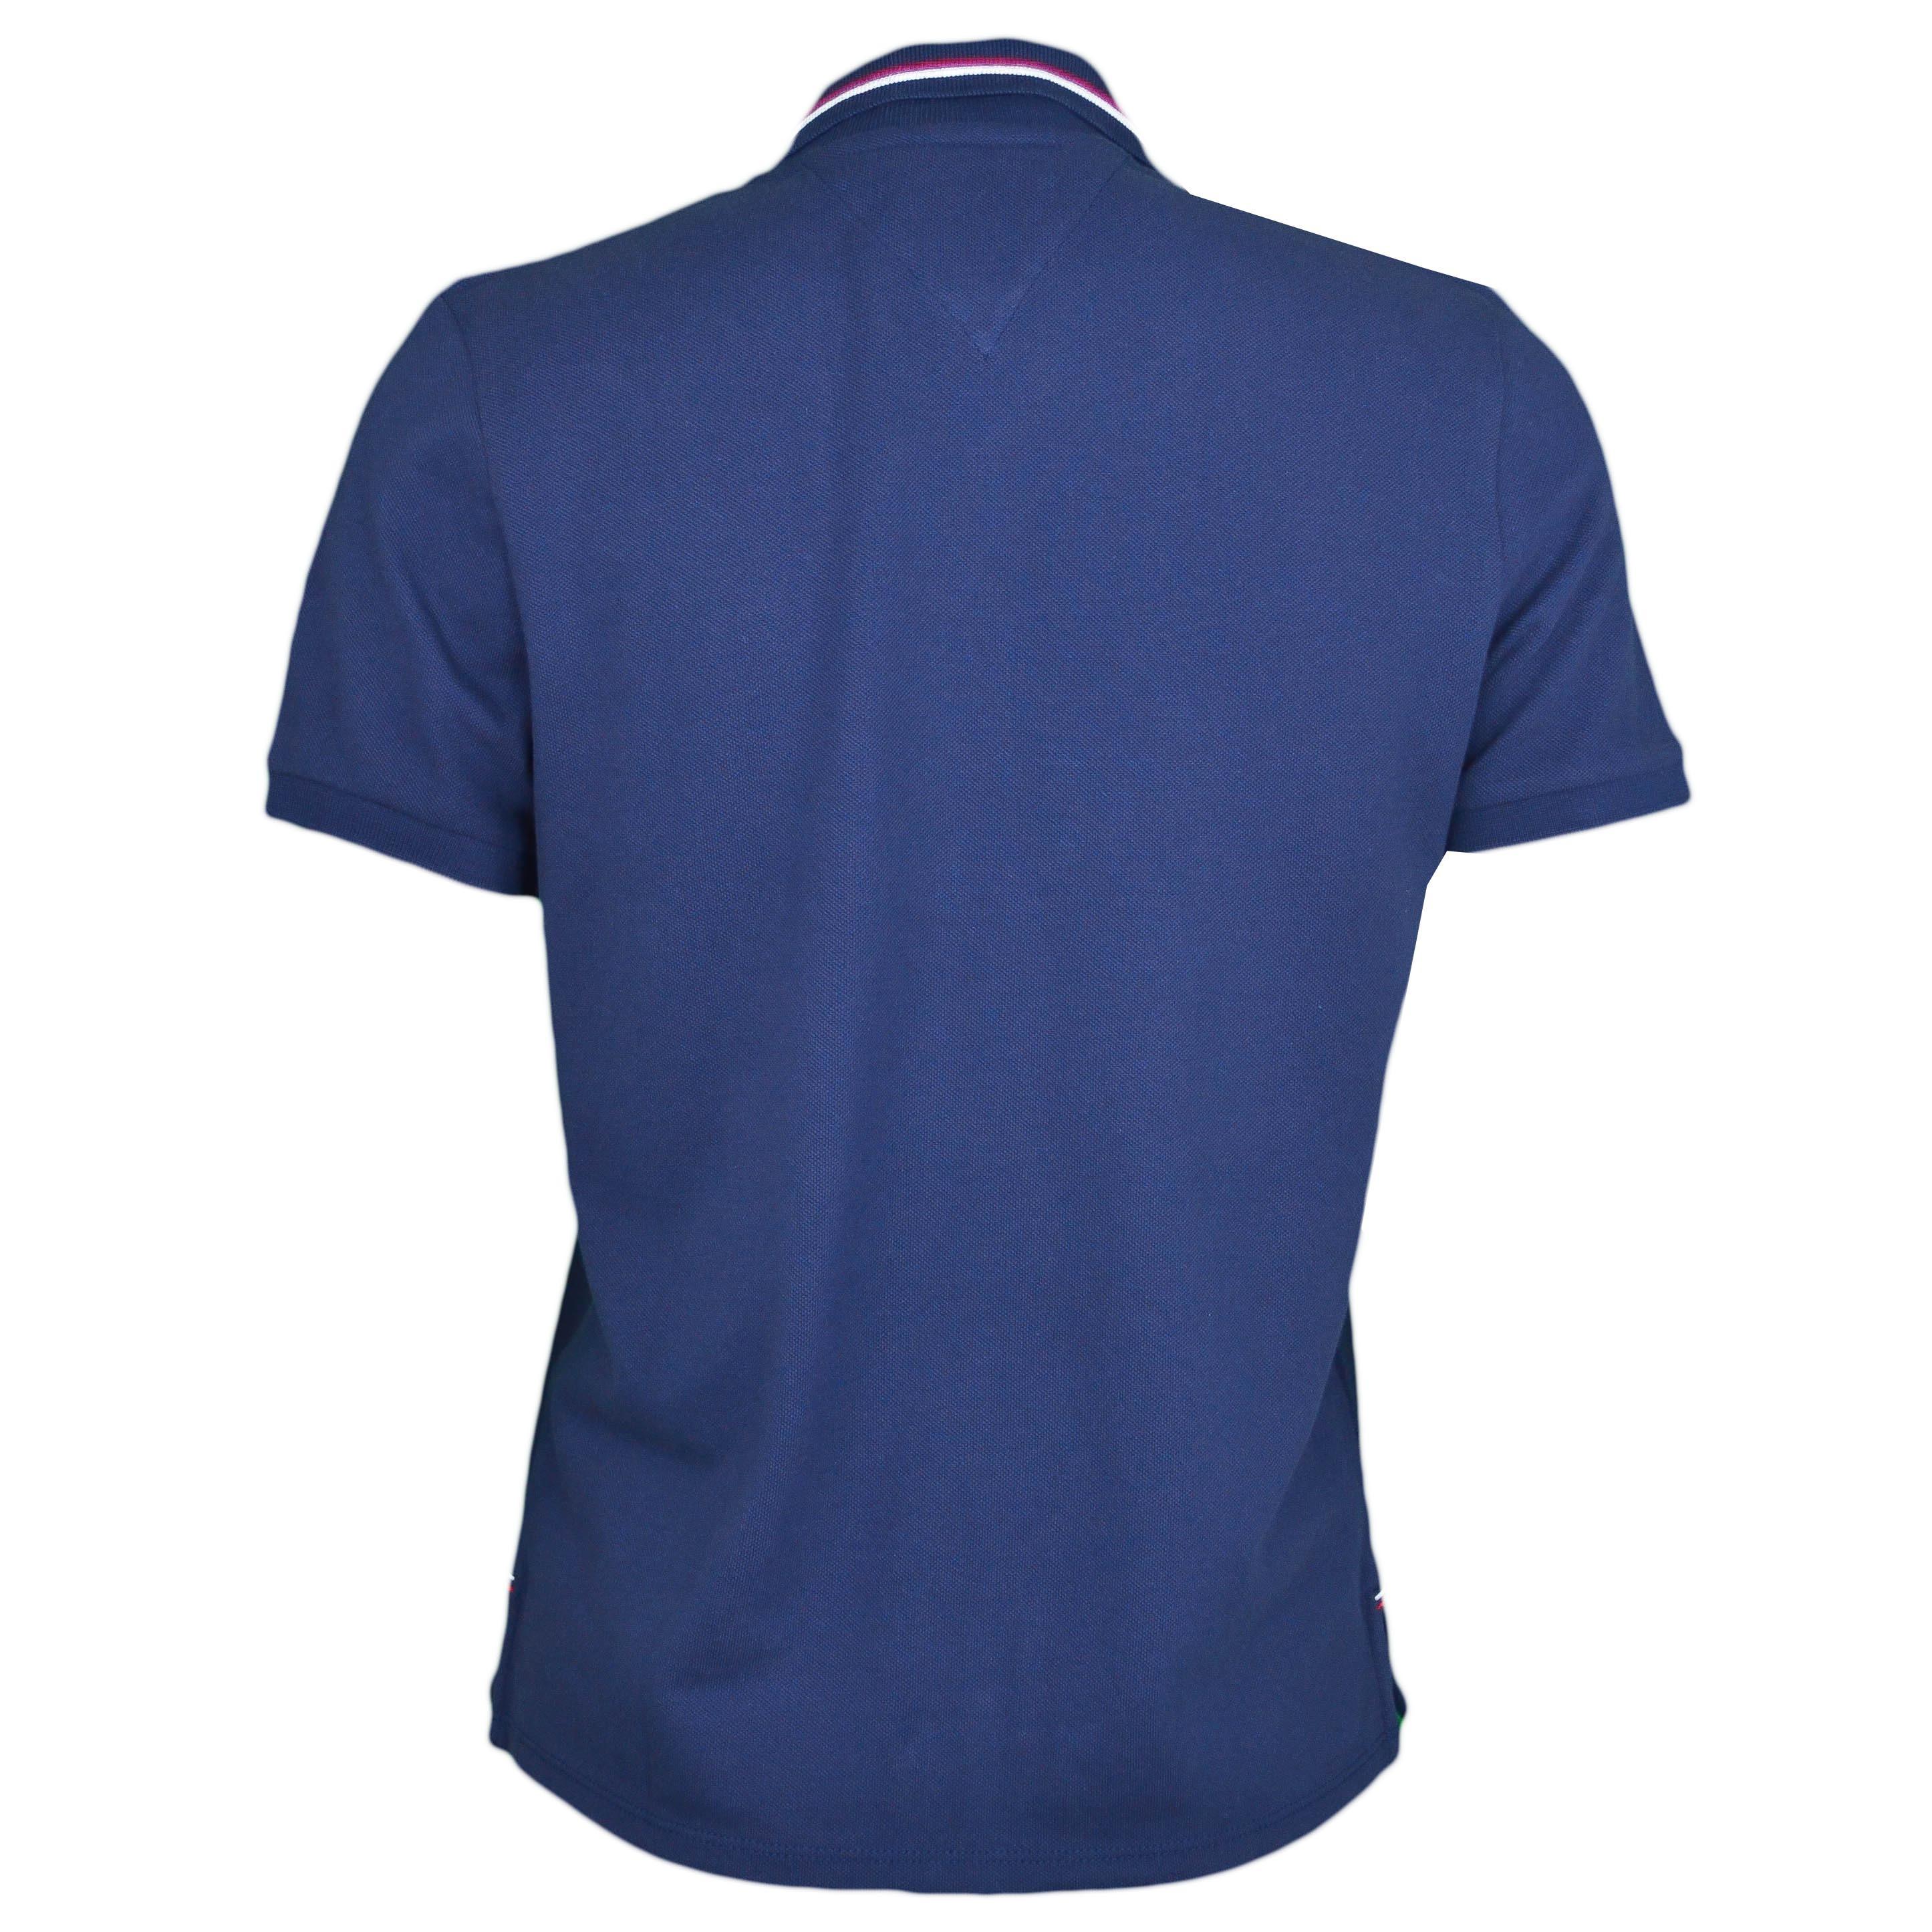 Tommy Rouge Marine Bleu To Et Polo Femme Lisérés Blanc Pour Jeans N8vnm0w